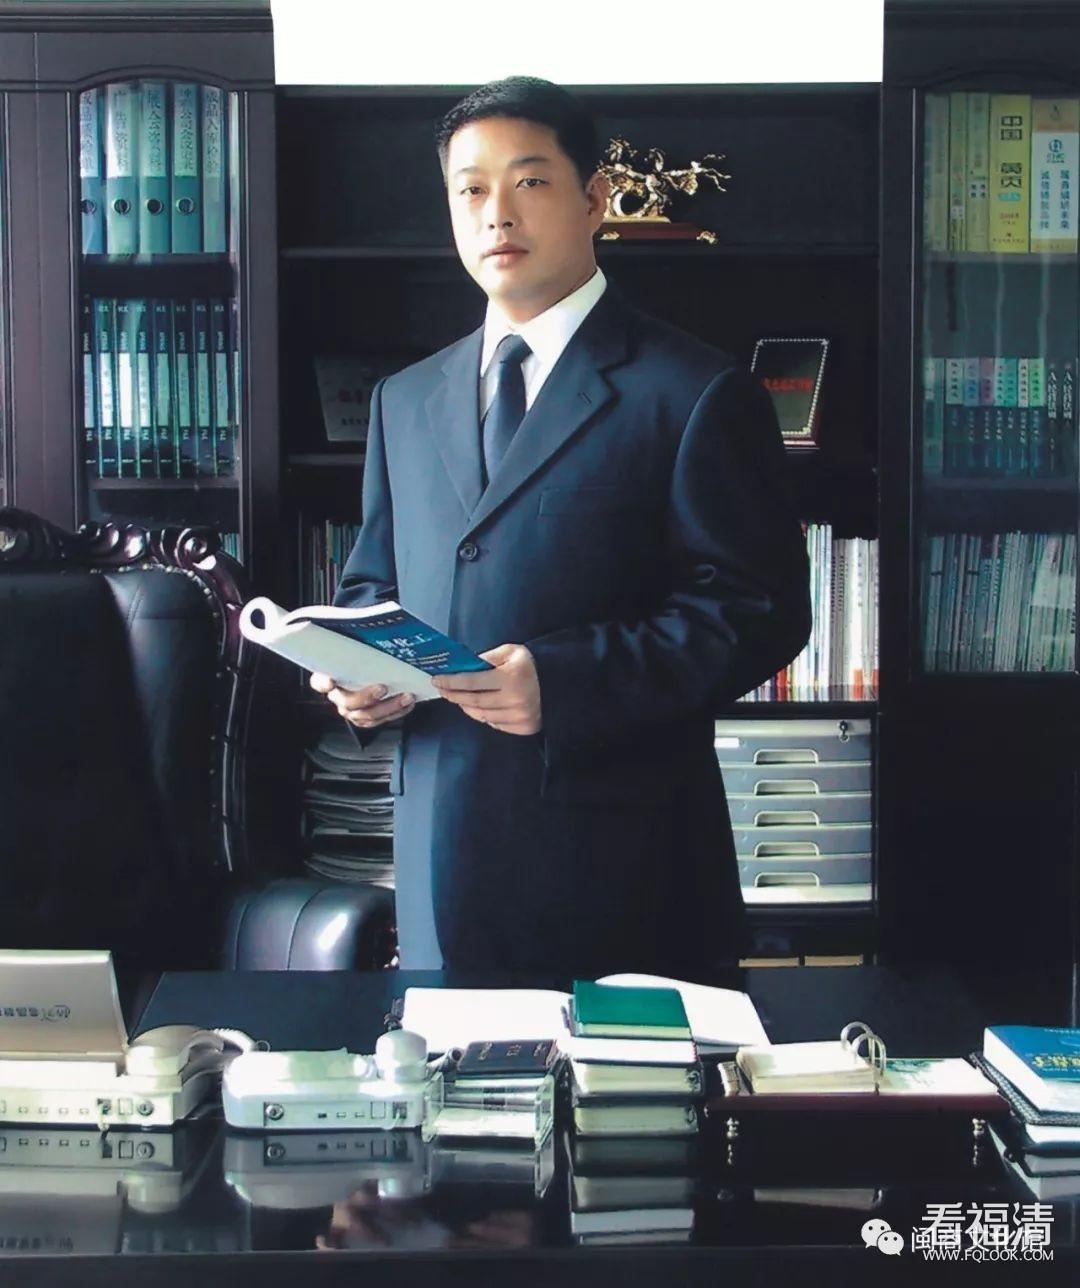 低调的隐形冠军谢秉昆,驾驭着珠光材料生产全球巨头企业